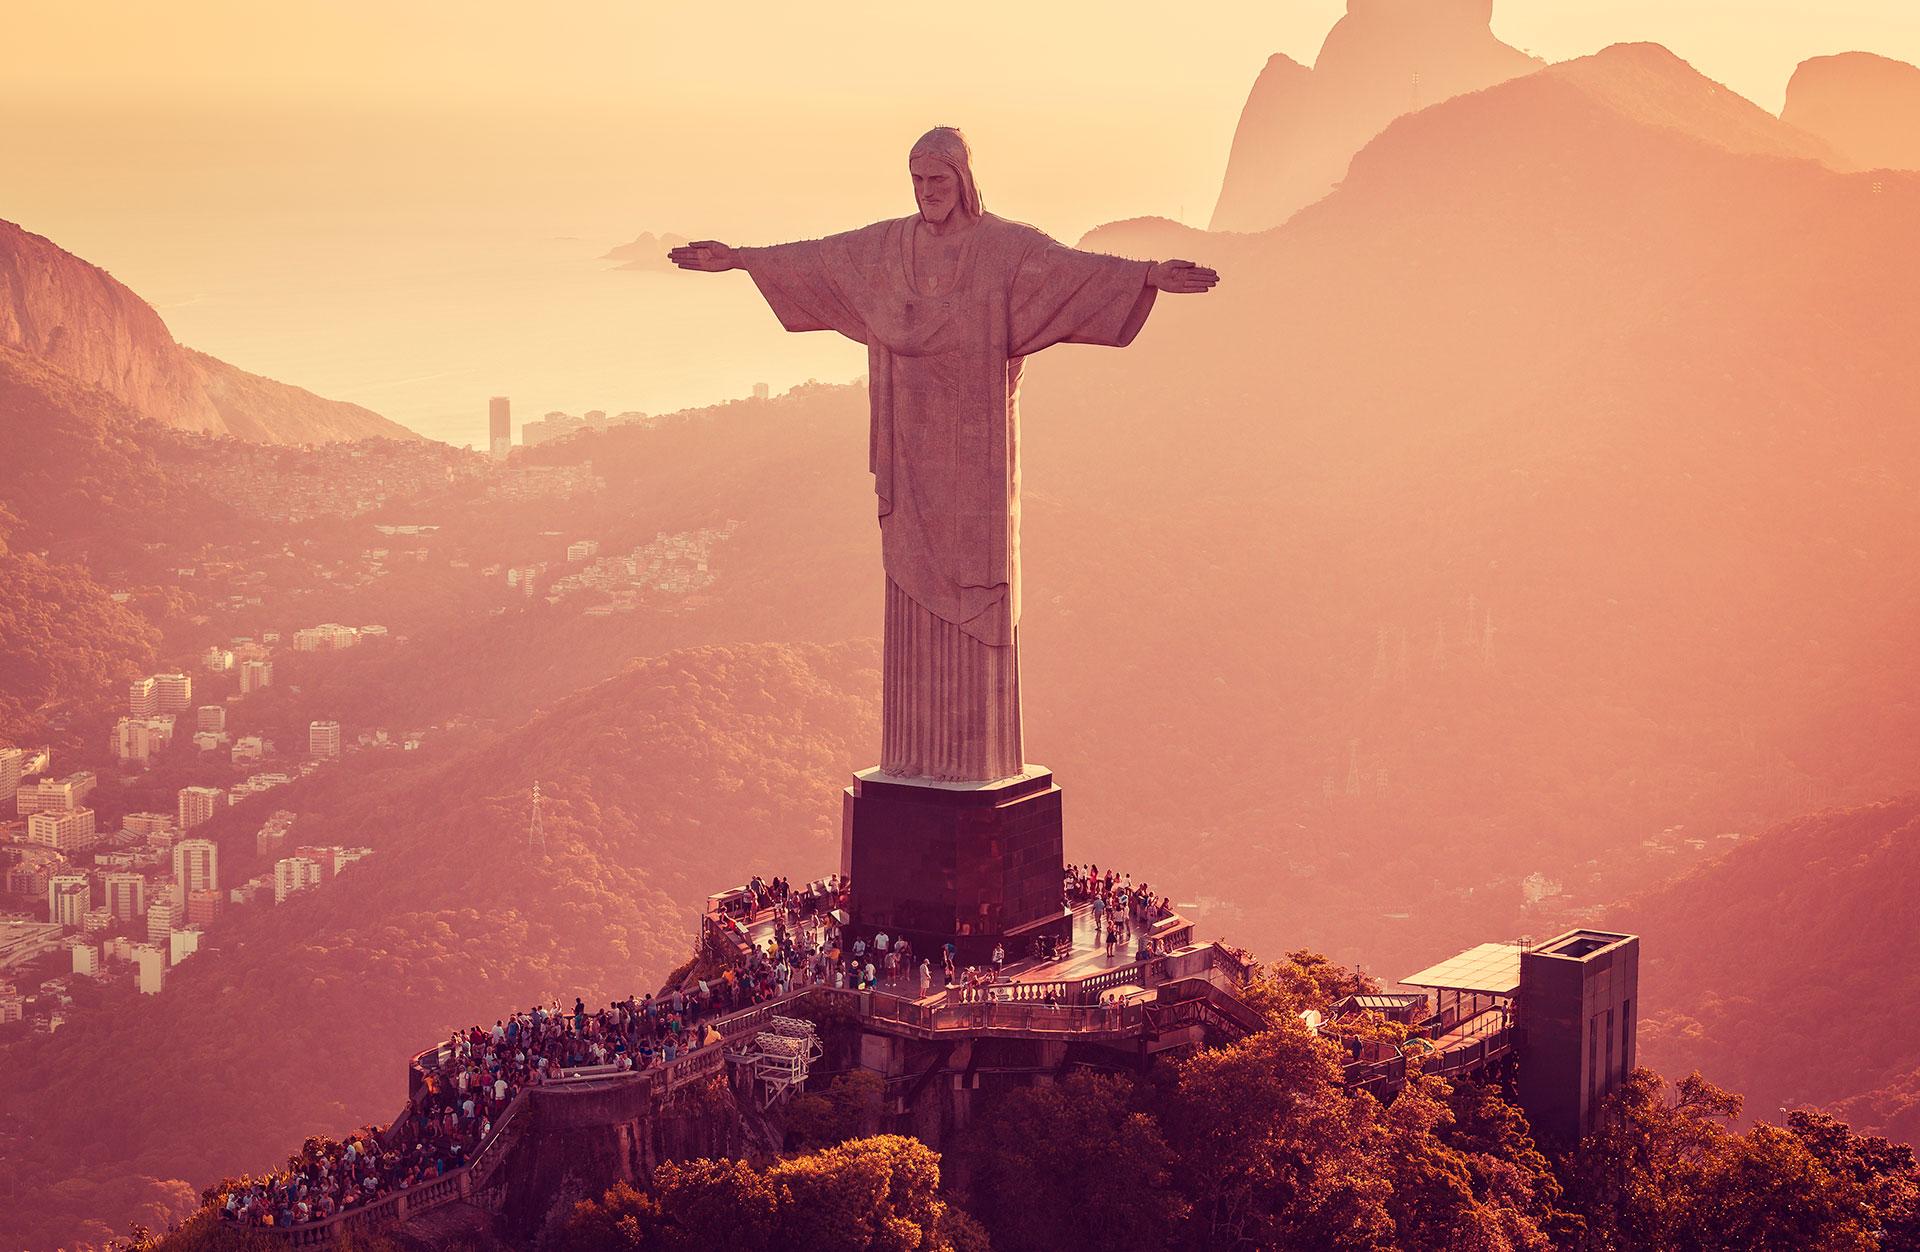 La estatua de 30,1 metros de altura que se afinca sobre un pedestal de 8 metros en el Parque Nacional del Bosque de Tijuca se puede ver a kilómetros de distancia y es una de las nuevas siete maravillas del mundo